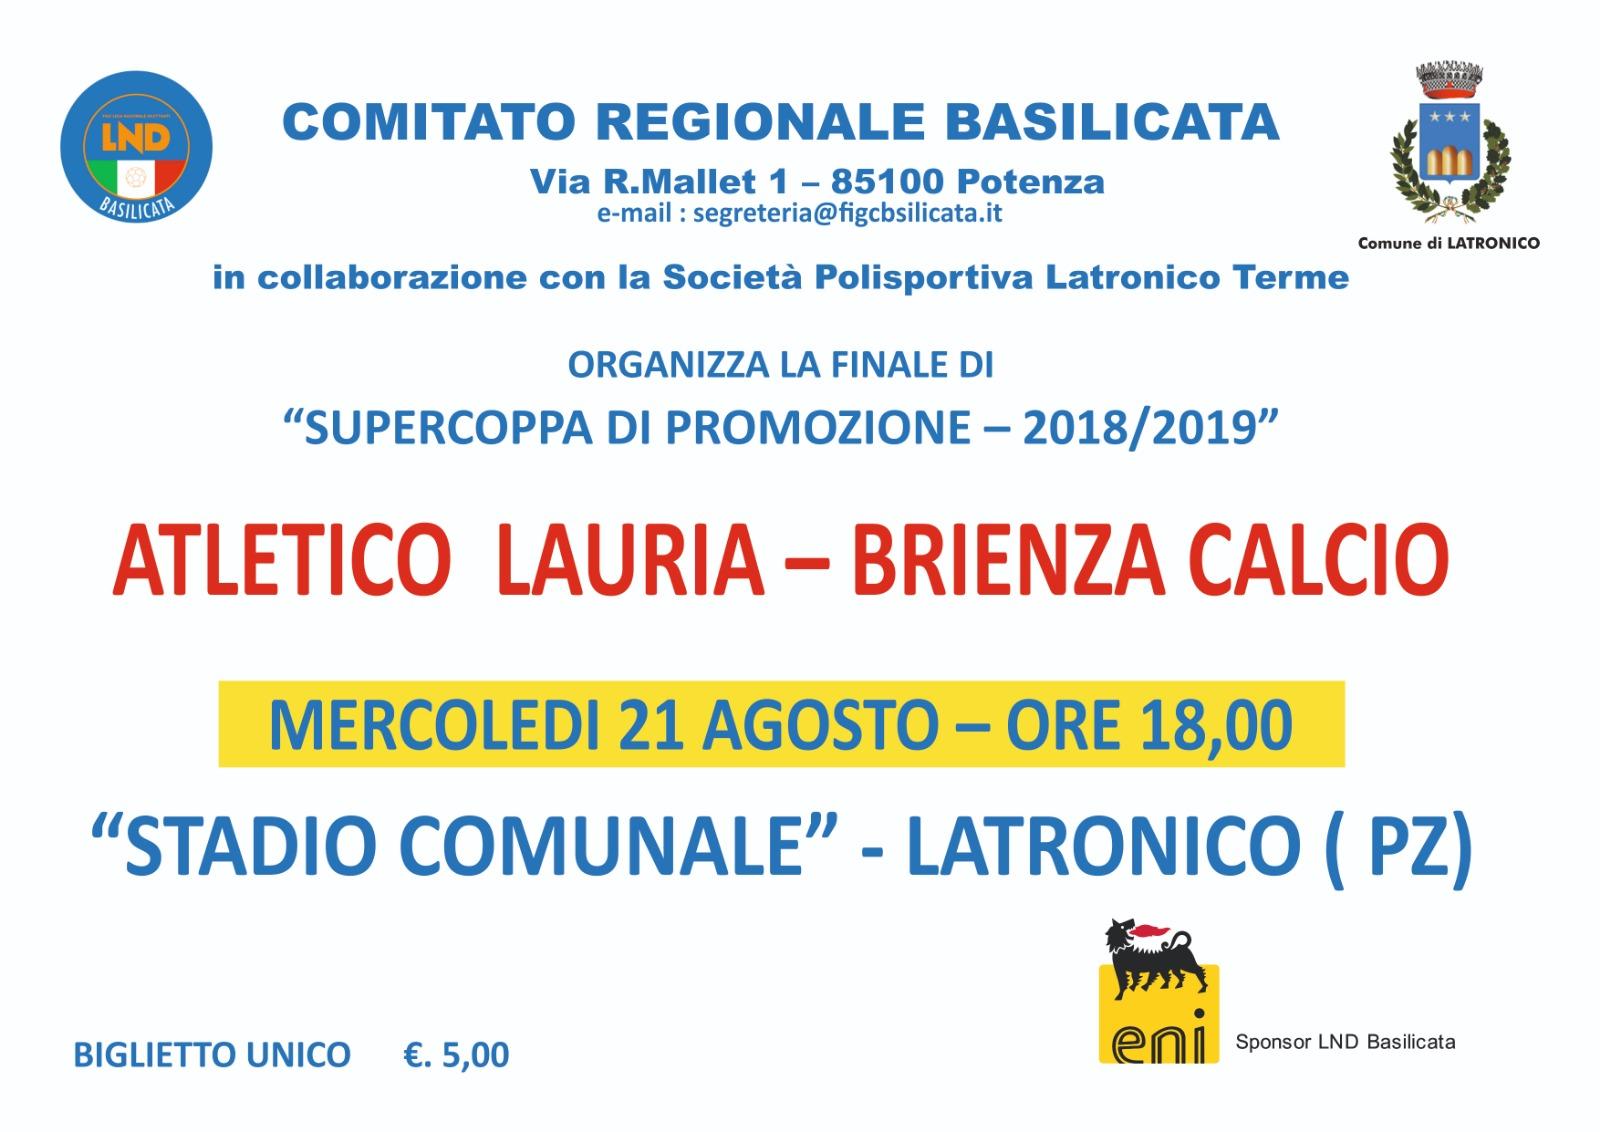 Supercoppa di Promozione, il 21 agosto a Latronico